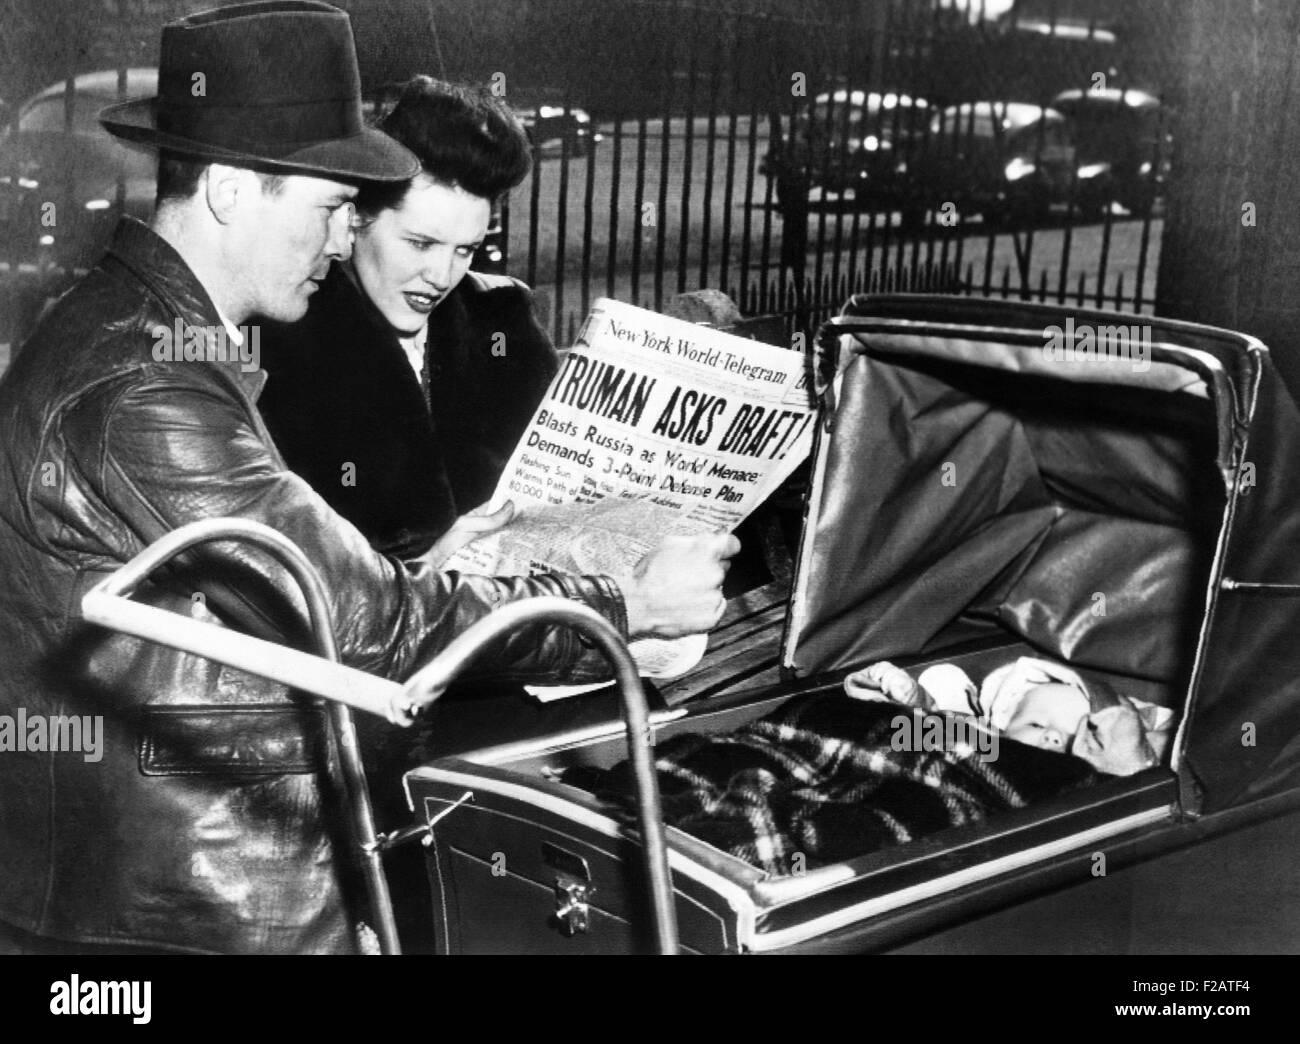 Un ancien combattant de la Seconde Guerre mondiale et sa femme, avec bébé, lisez le titre, 'Truman Photo Stock